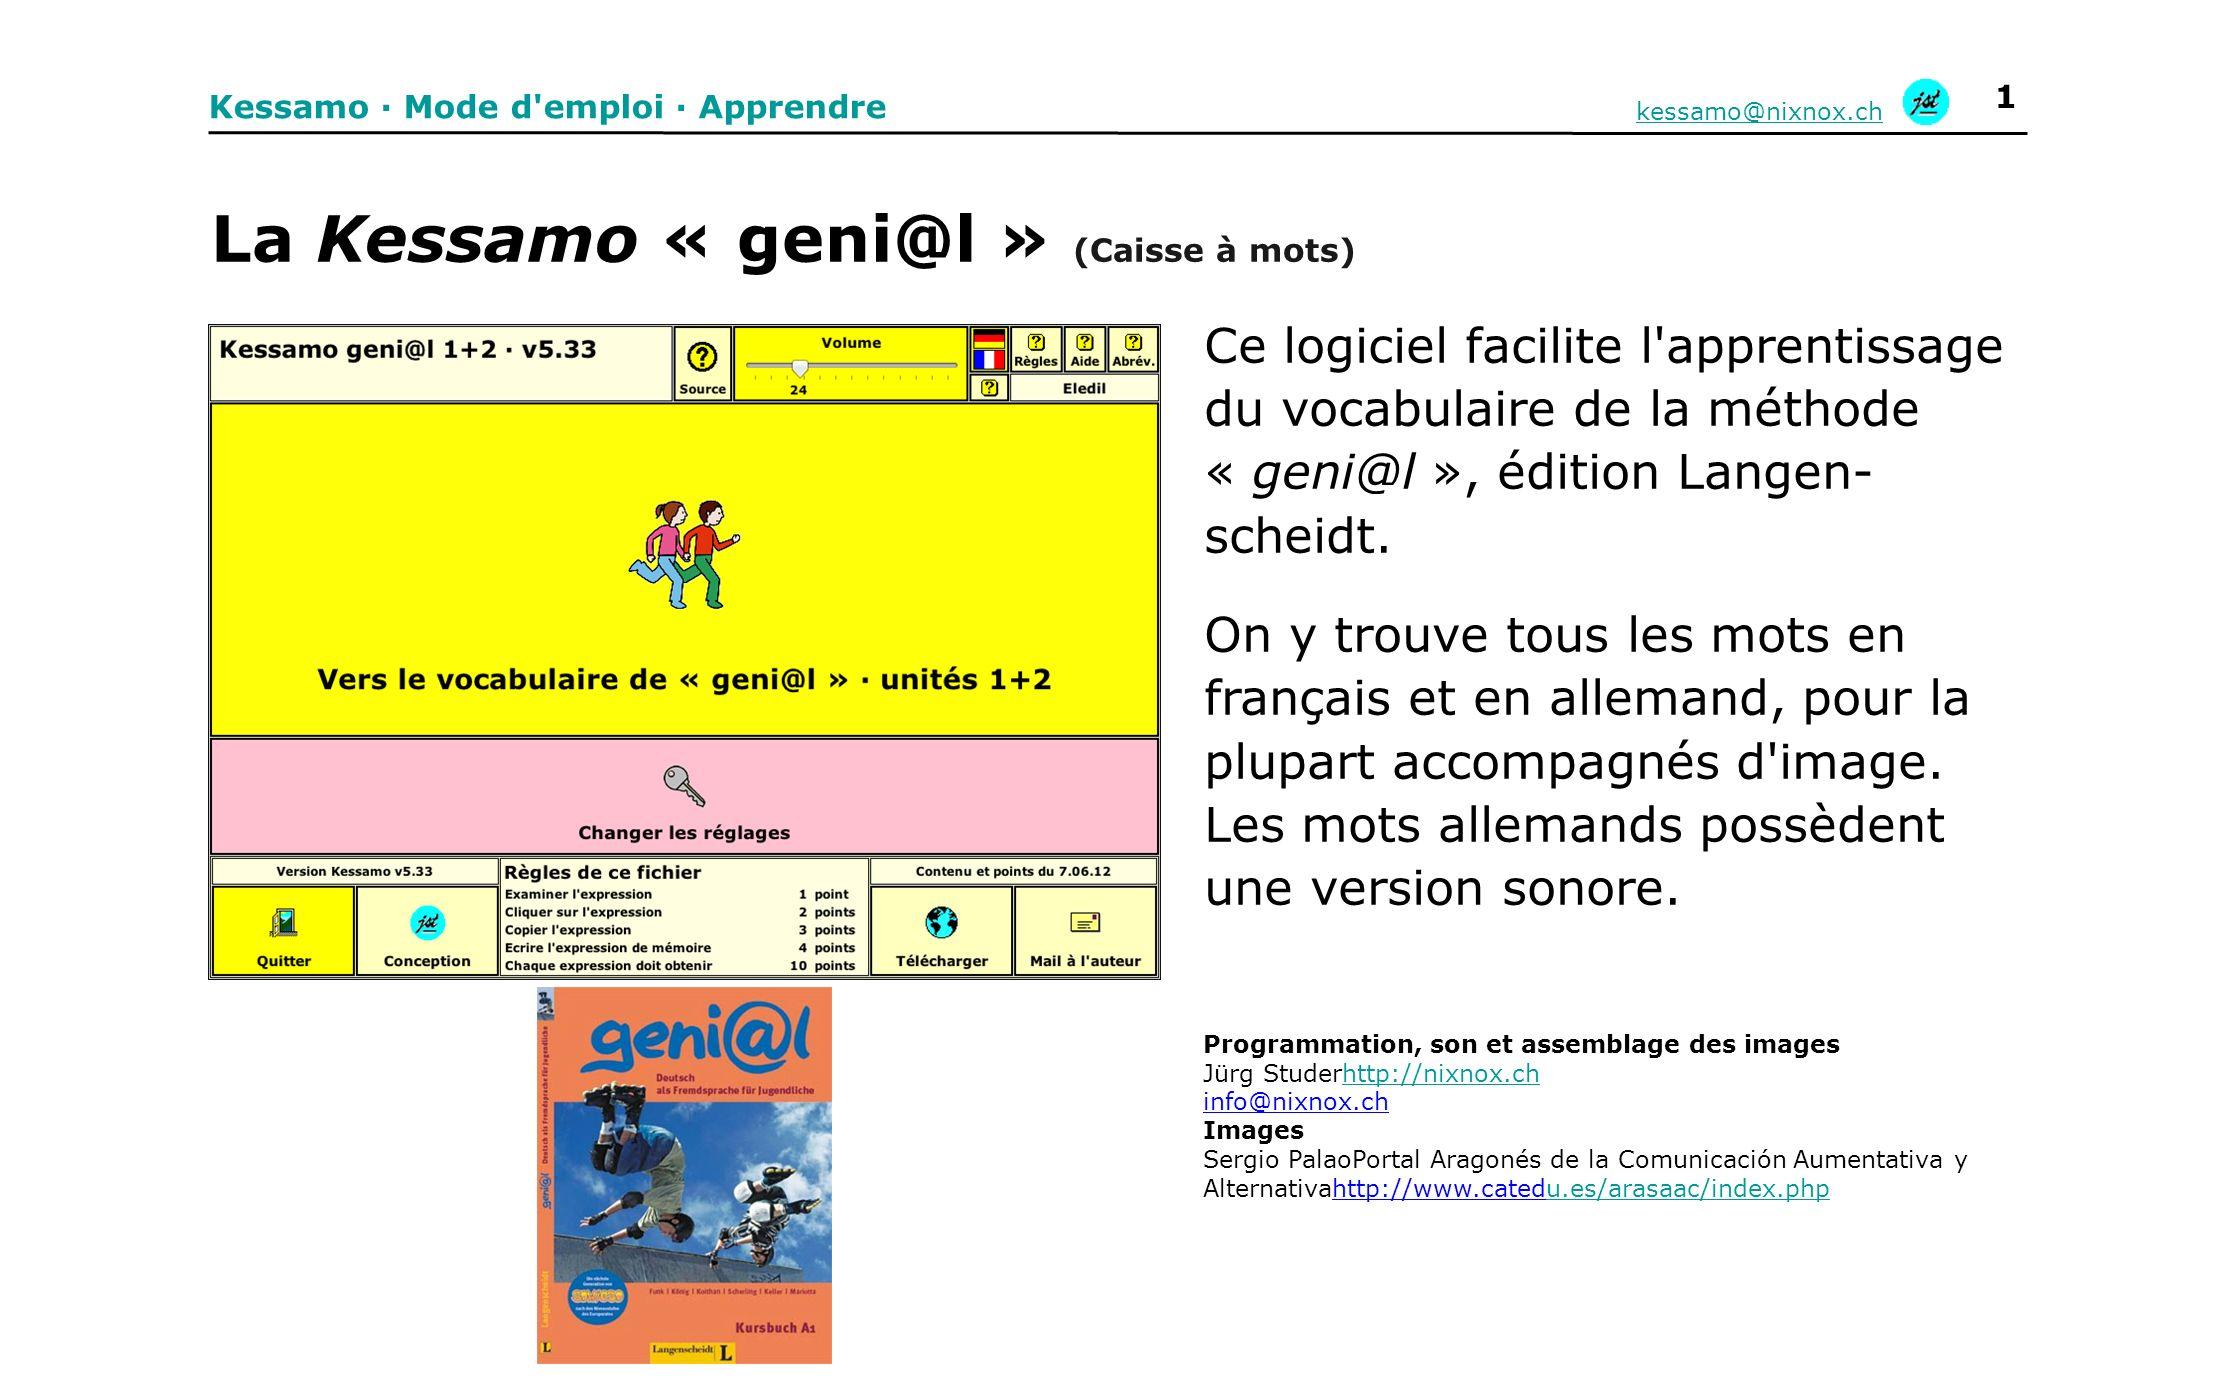 La Kessamo « geni@l » (Caisse à mots)